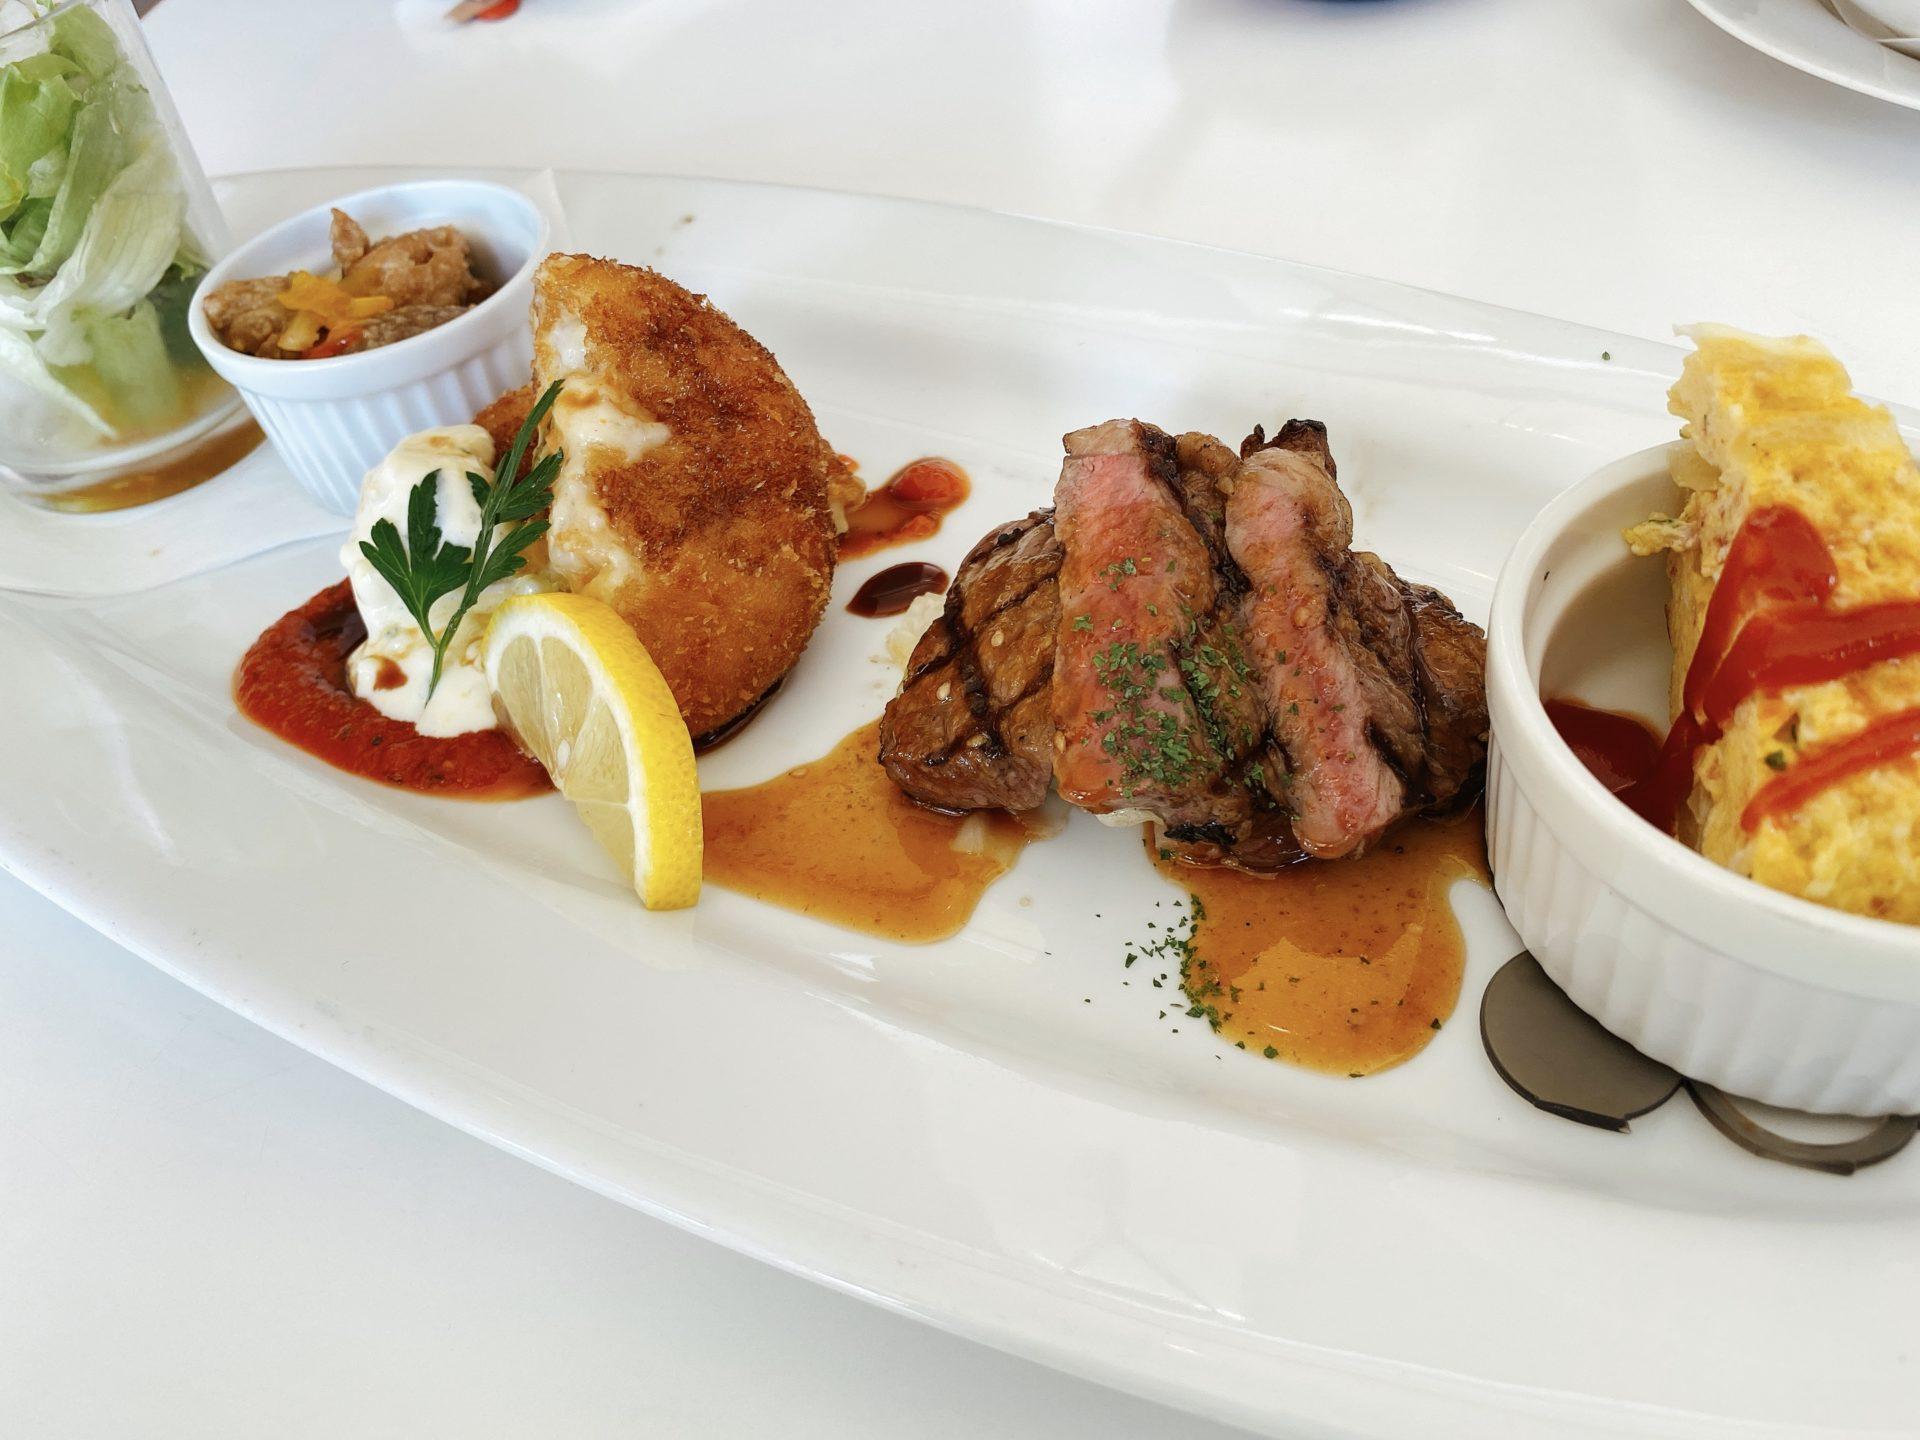 岡山市南区【Cafe Restaurant OLIVE(オリーブ)】にて初ランチ!よくばりOLIVEセットをオーダー!メインのハーフステーキが楽しみ!